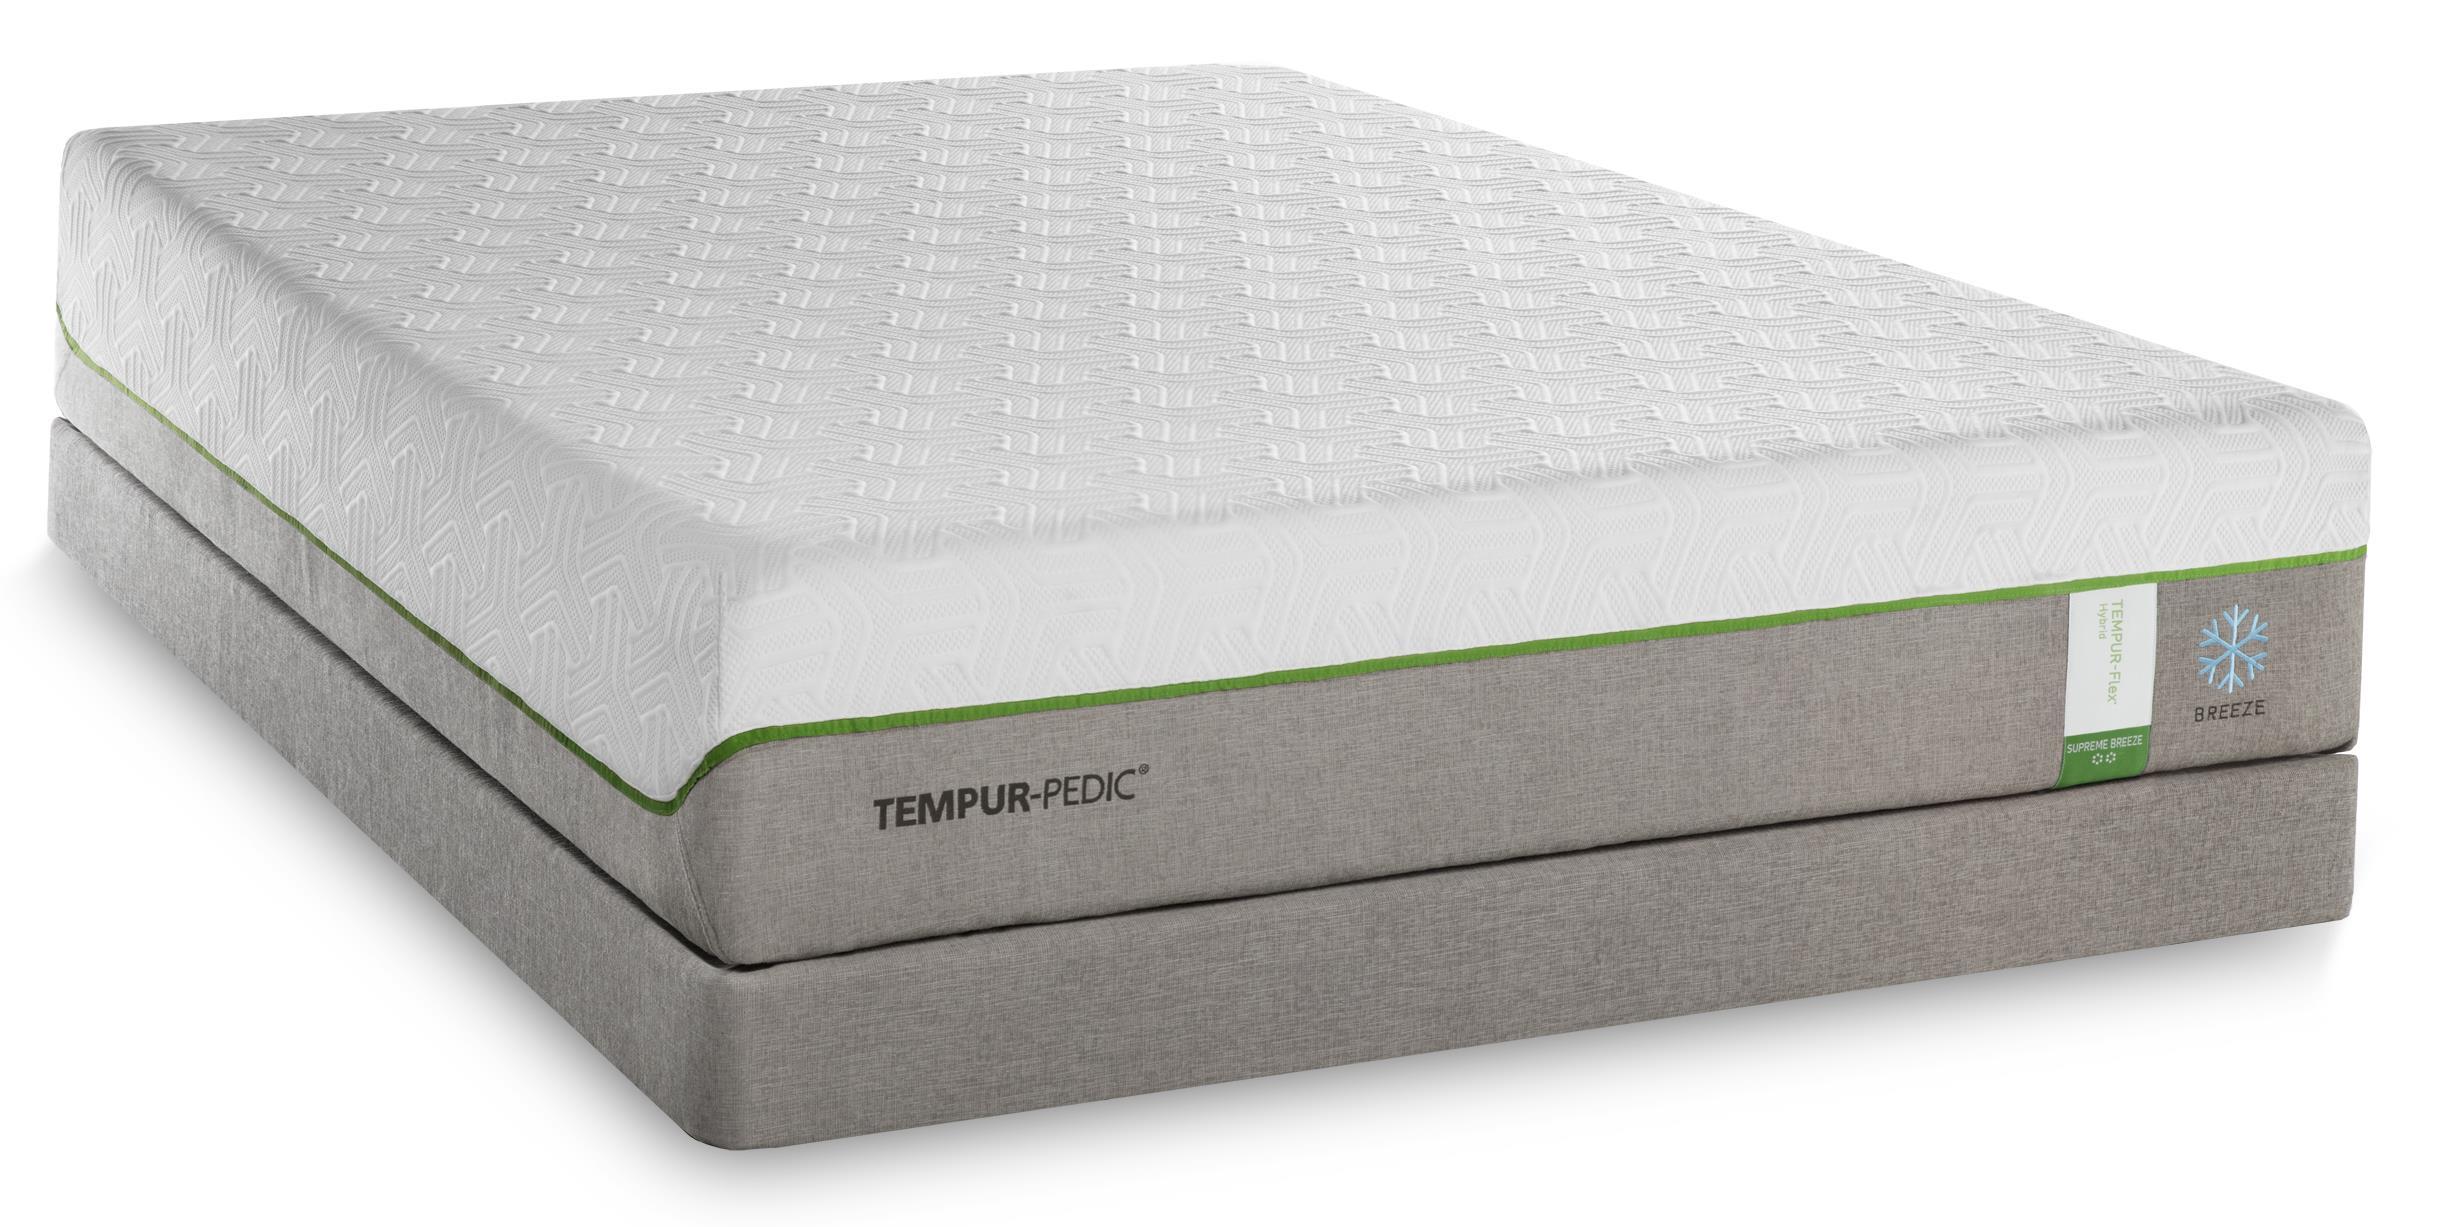 Tempur-Pedic® TEMPUR-Flex Supreme Breeze Split King Medium Plush Mattress, LP - Item Number: 2x10292220+2x21510120